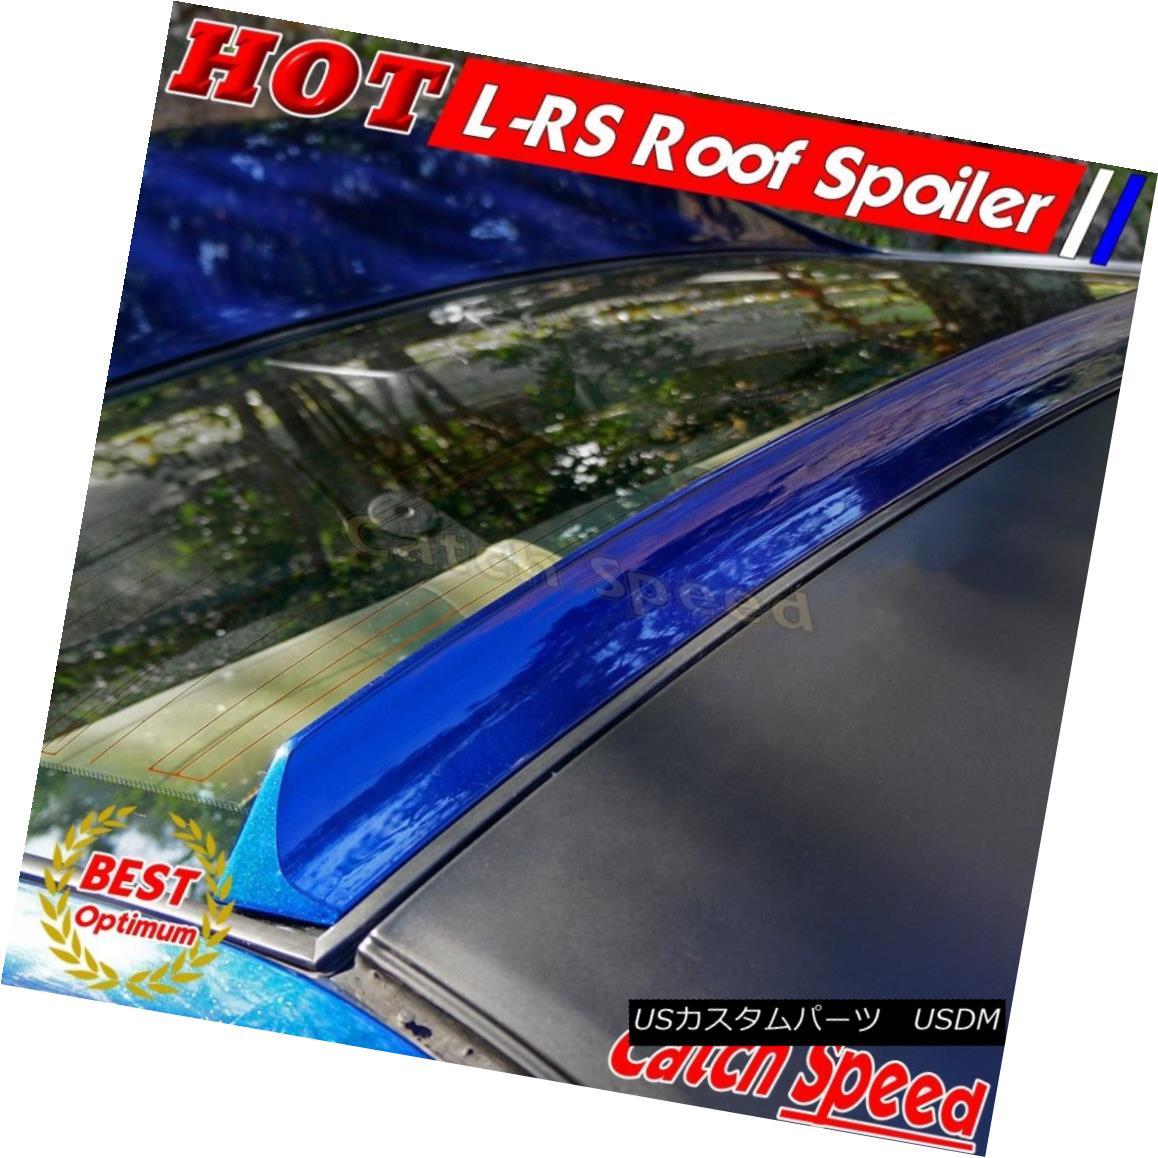 エアロパーツ Flat Black LRS Type Rear Roof Spoiler Wing For SUBARU IMPREZA Sedan 1993-2000 ? SUBARU IMPREZA Sedan 1993-2000用フラットブラックLRSタイプリアルーフスポイラーウィング?